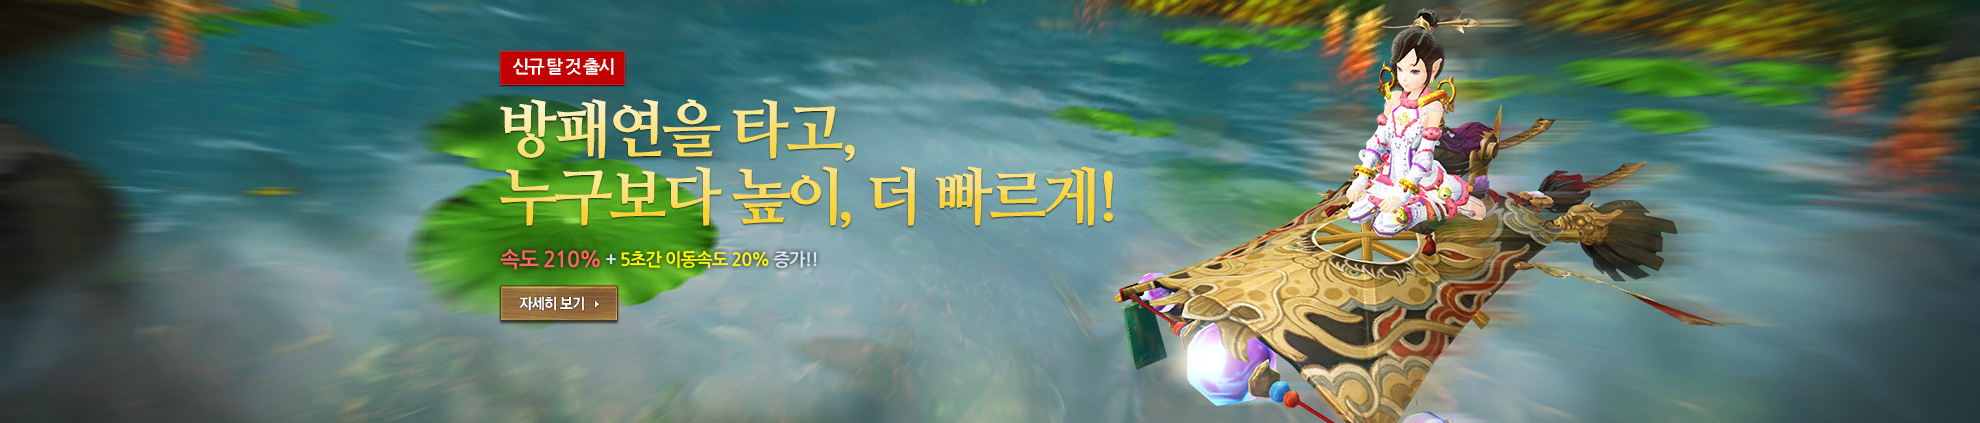 신규 탈 것 화려한 황룡무늬 방패연 출시!